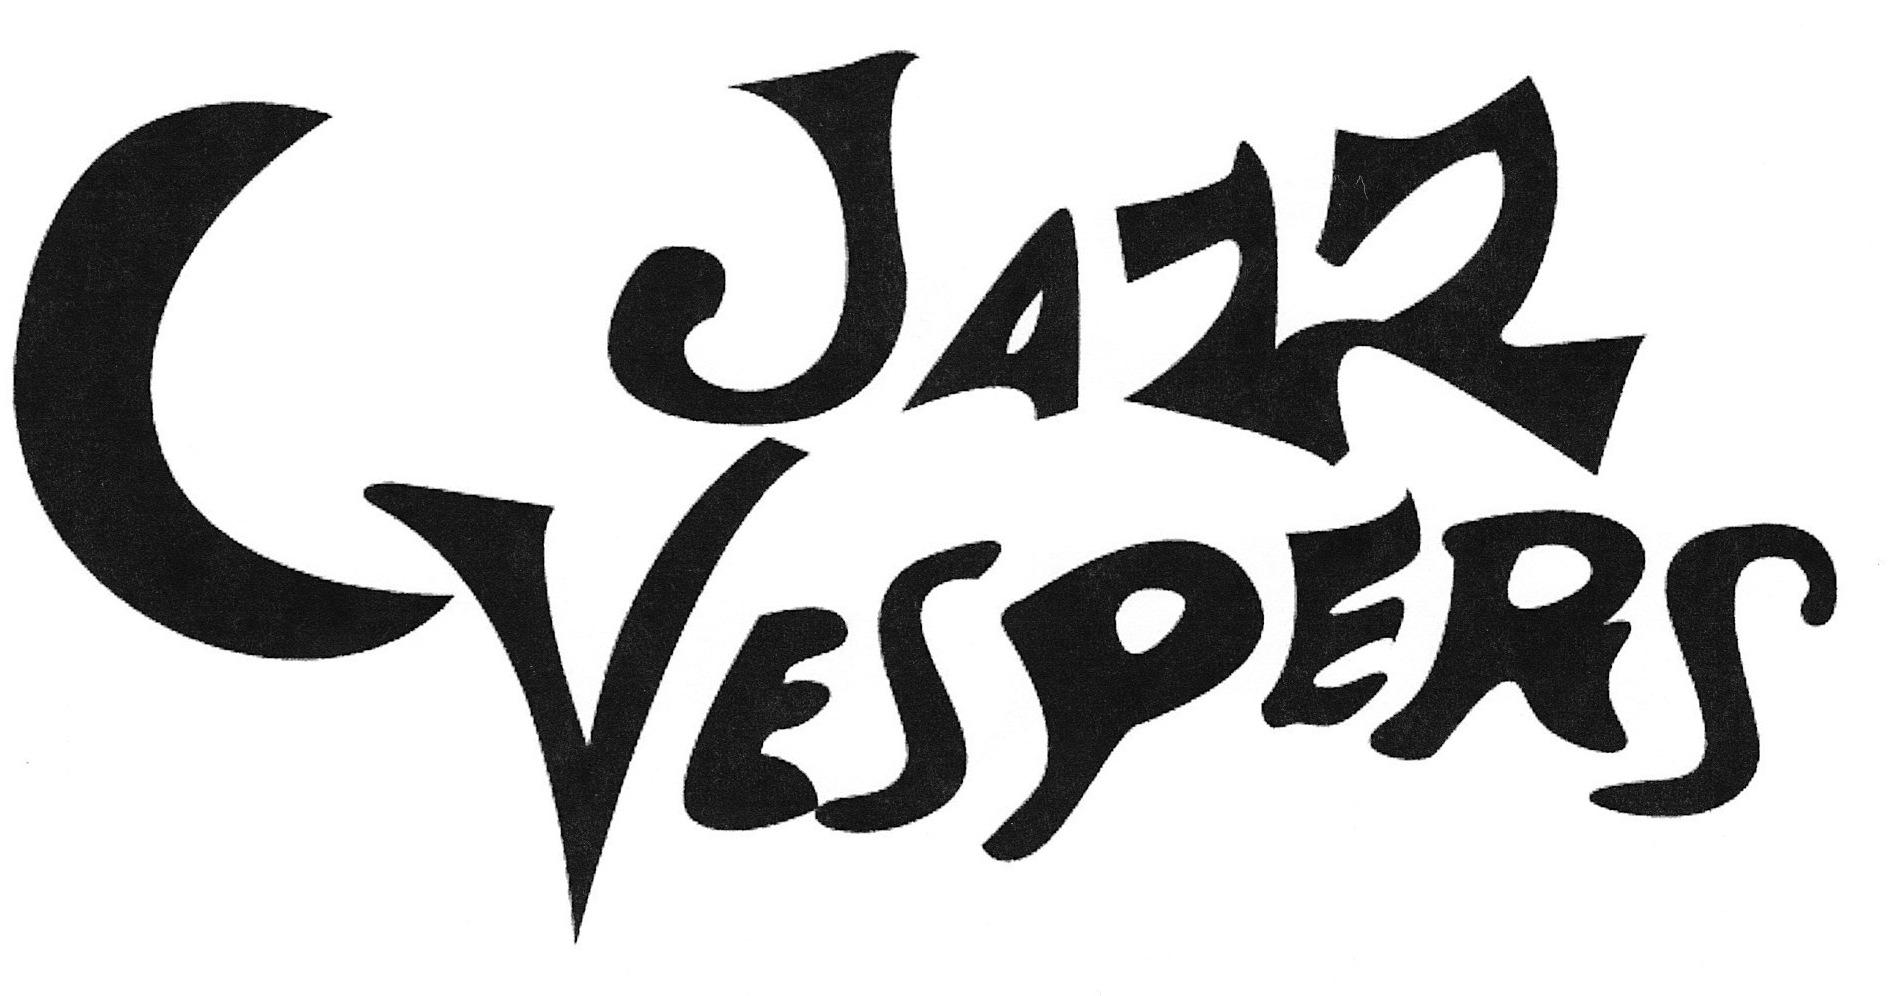 Jazz Vespers Clipart.